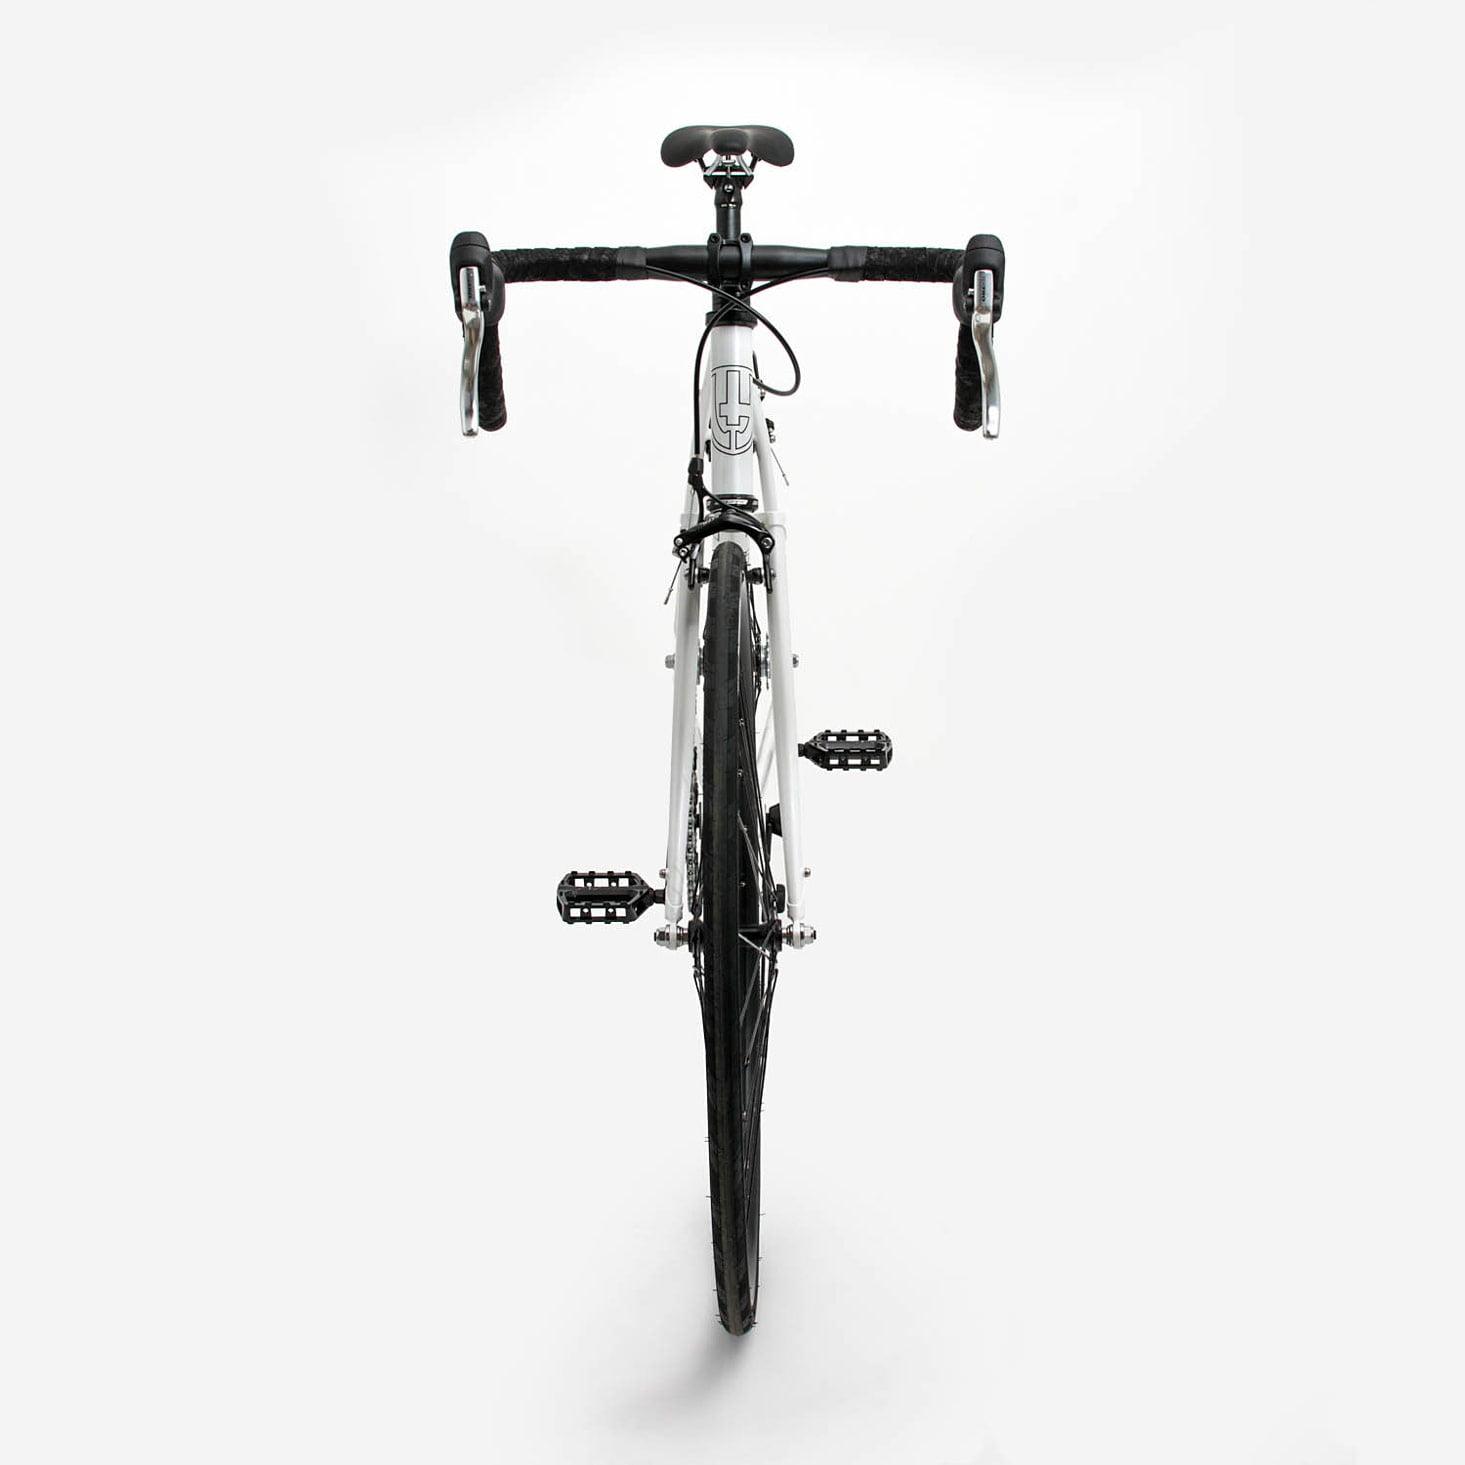 Landyachtz_Spitfire_White_3_Speed_Bikes_8_DSC4841